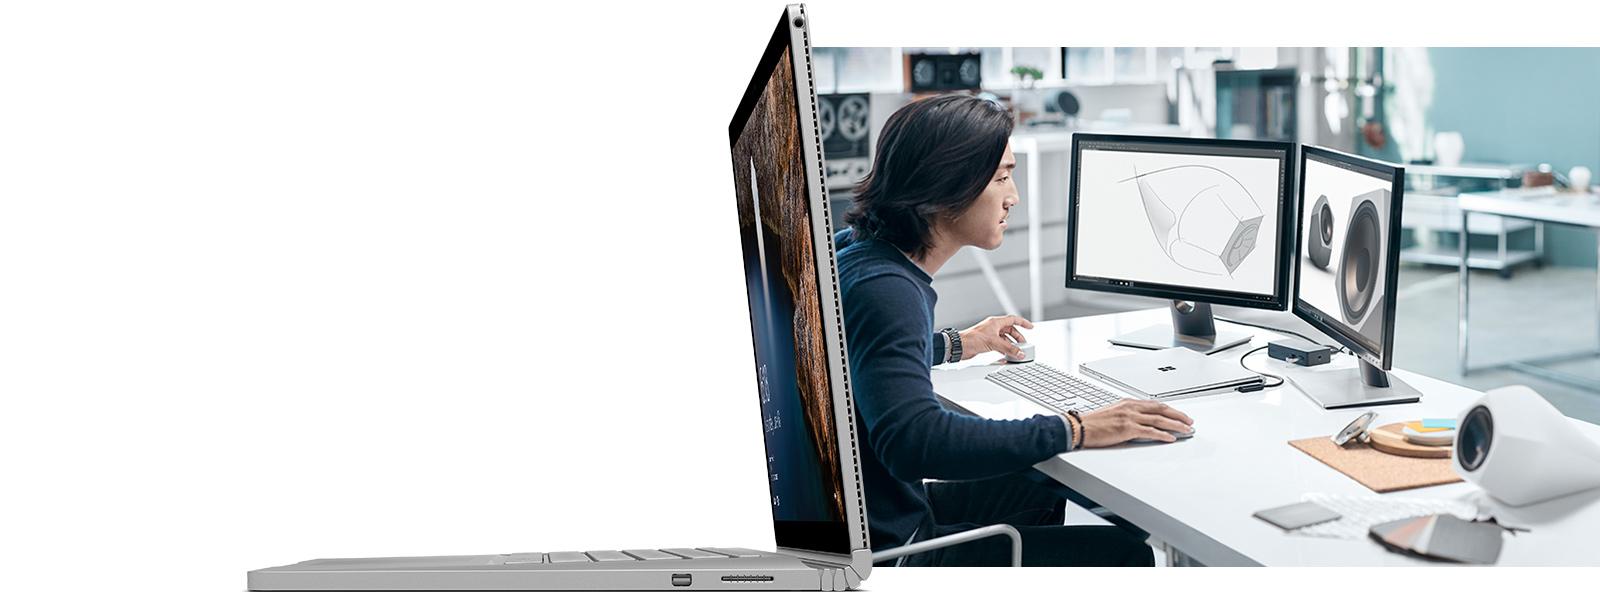 Man die aan zijn bureau met Surface Book werkt die is verbonden met een toetsenbord, muis en twee externe monitors